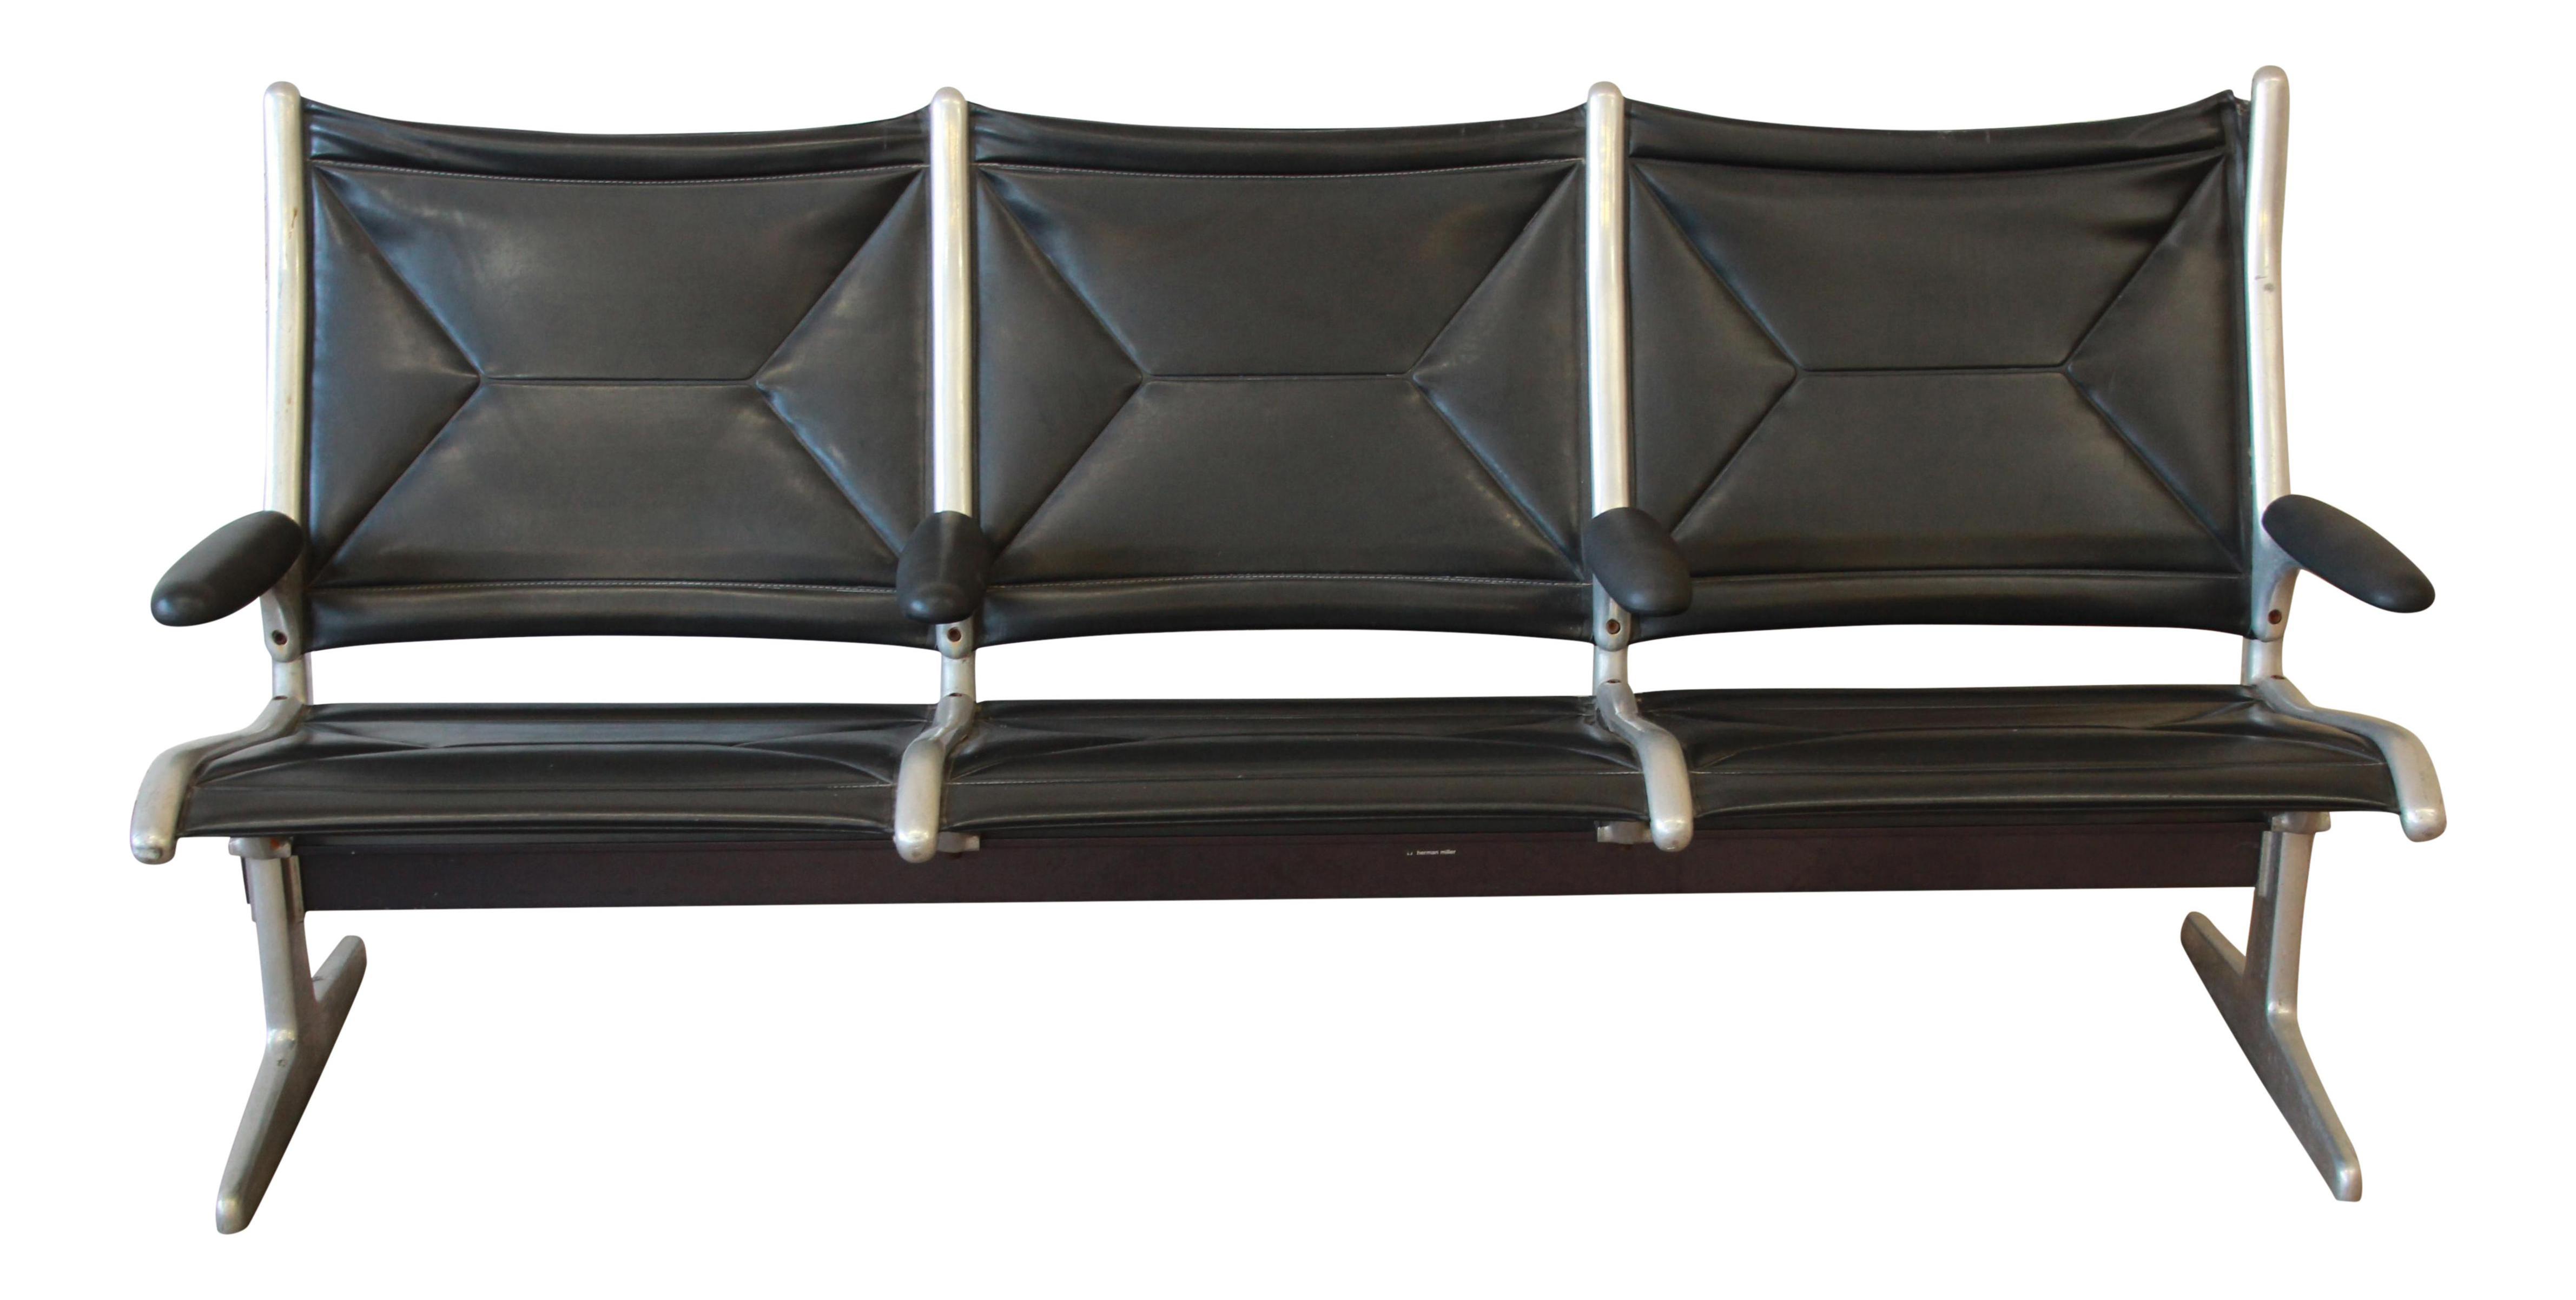 miller table of danish designer in incredible century find july fabulous norwegian week showroom mid by afdal norway herman teak furniture the for bench brusko modern torbjorn